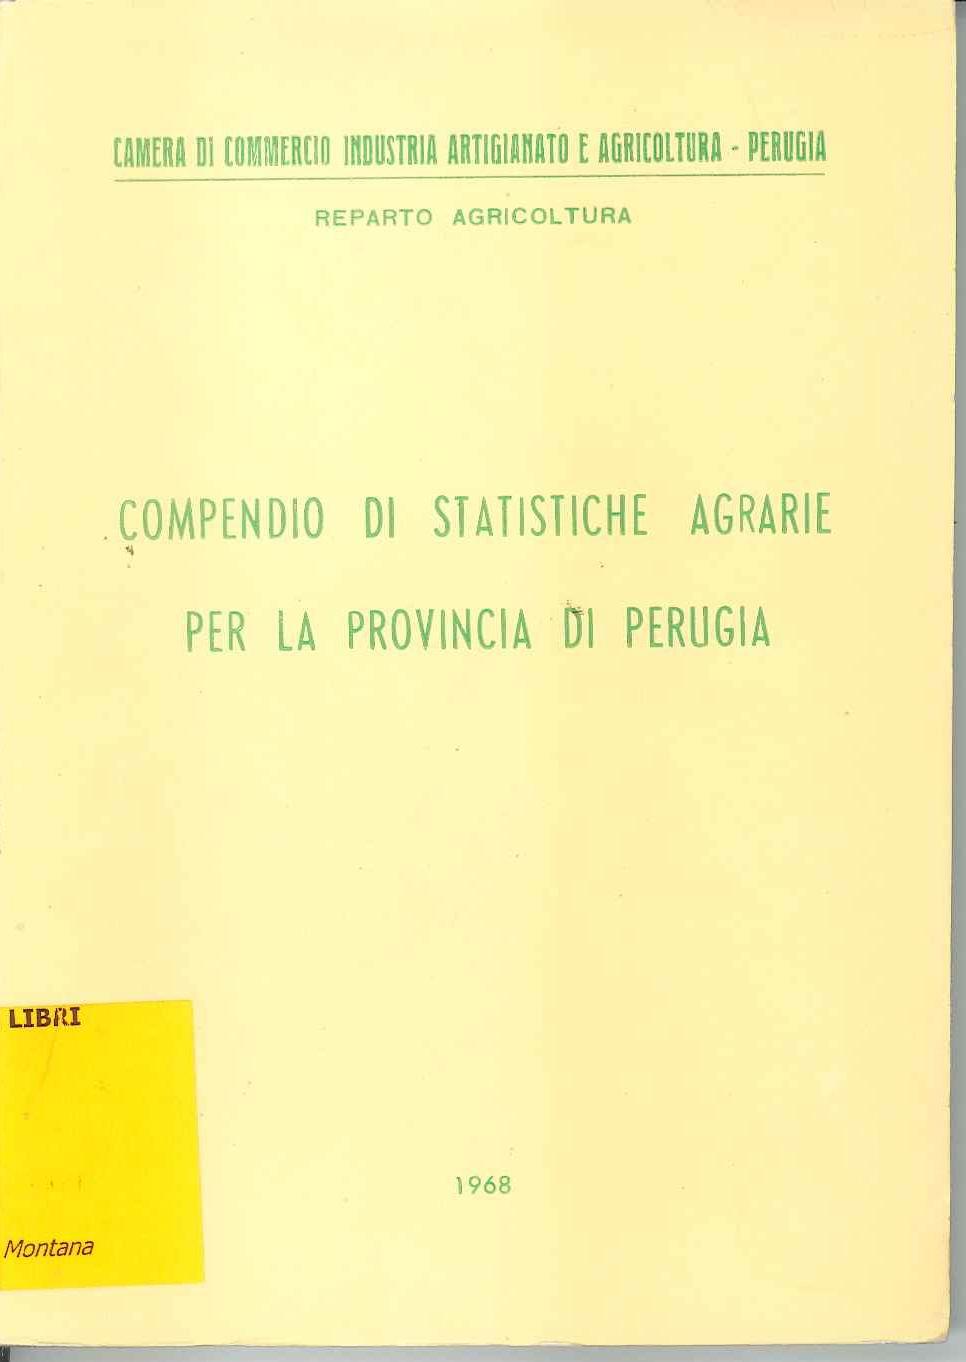 Compendio di statistiche agrarie per la provincia di Perugia